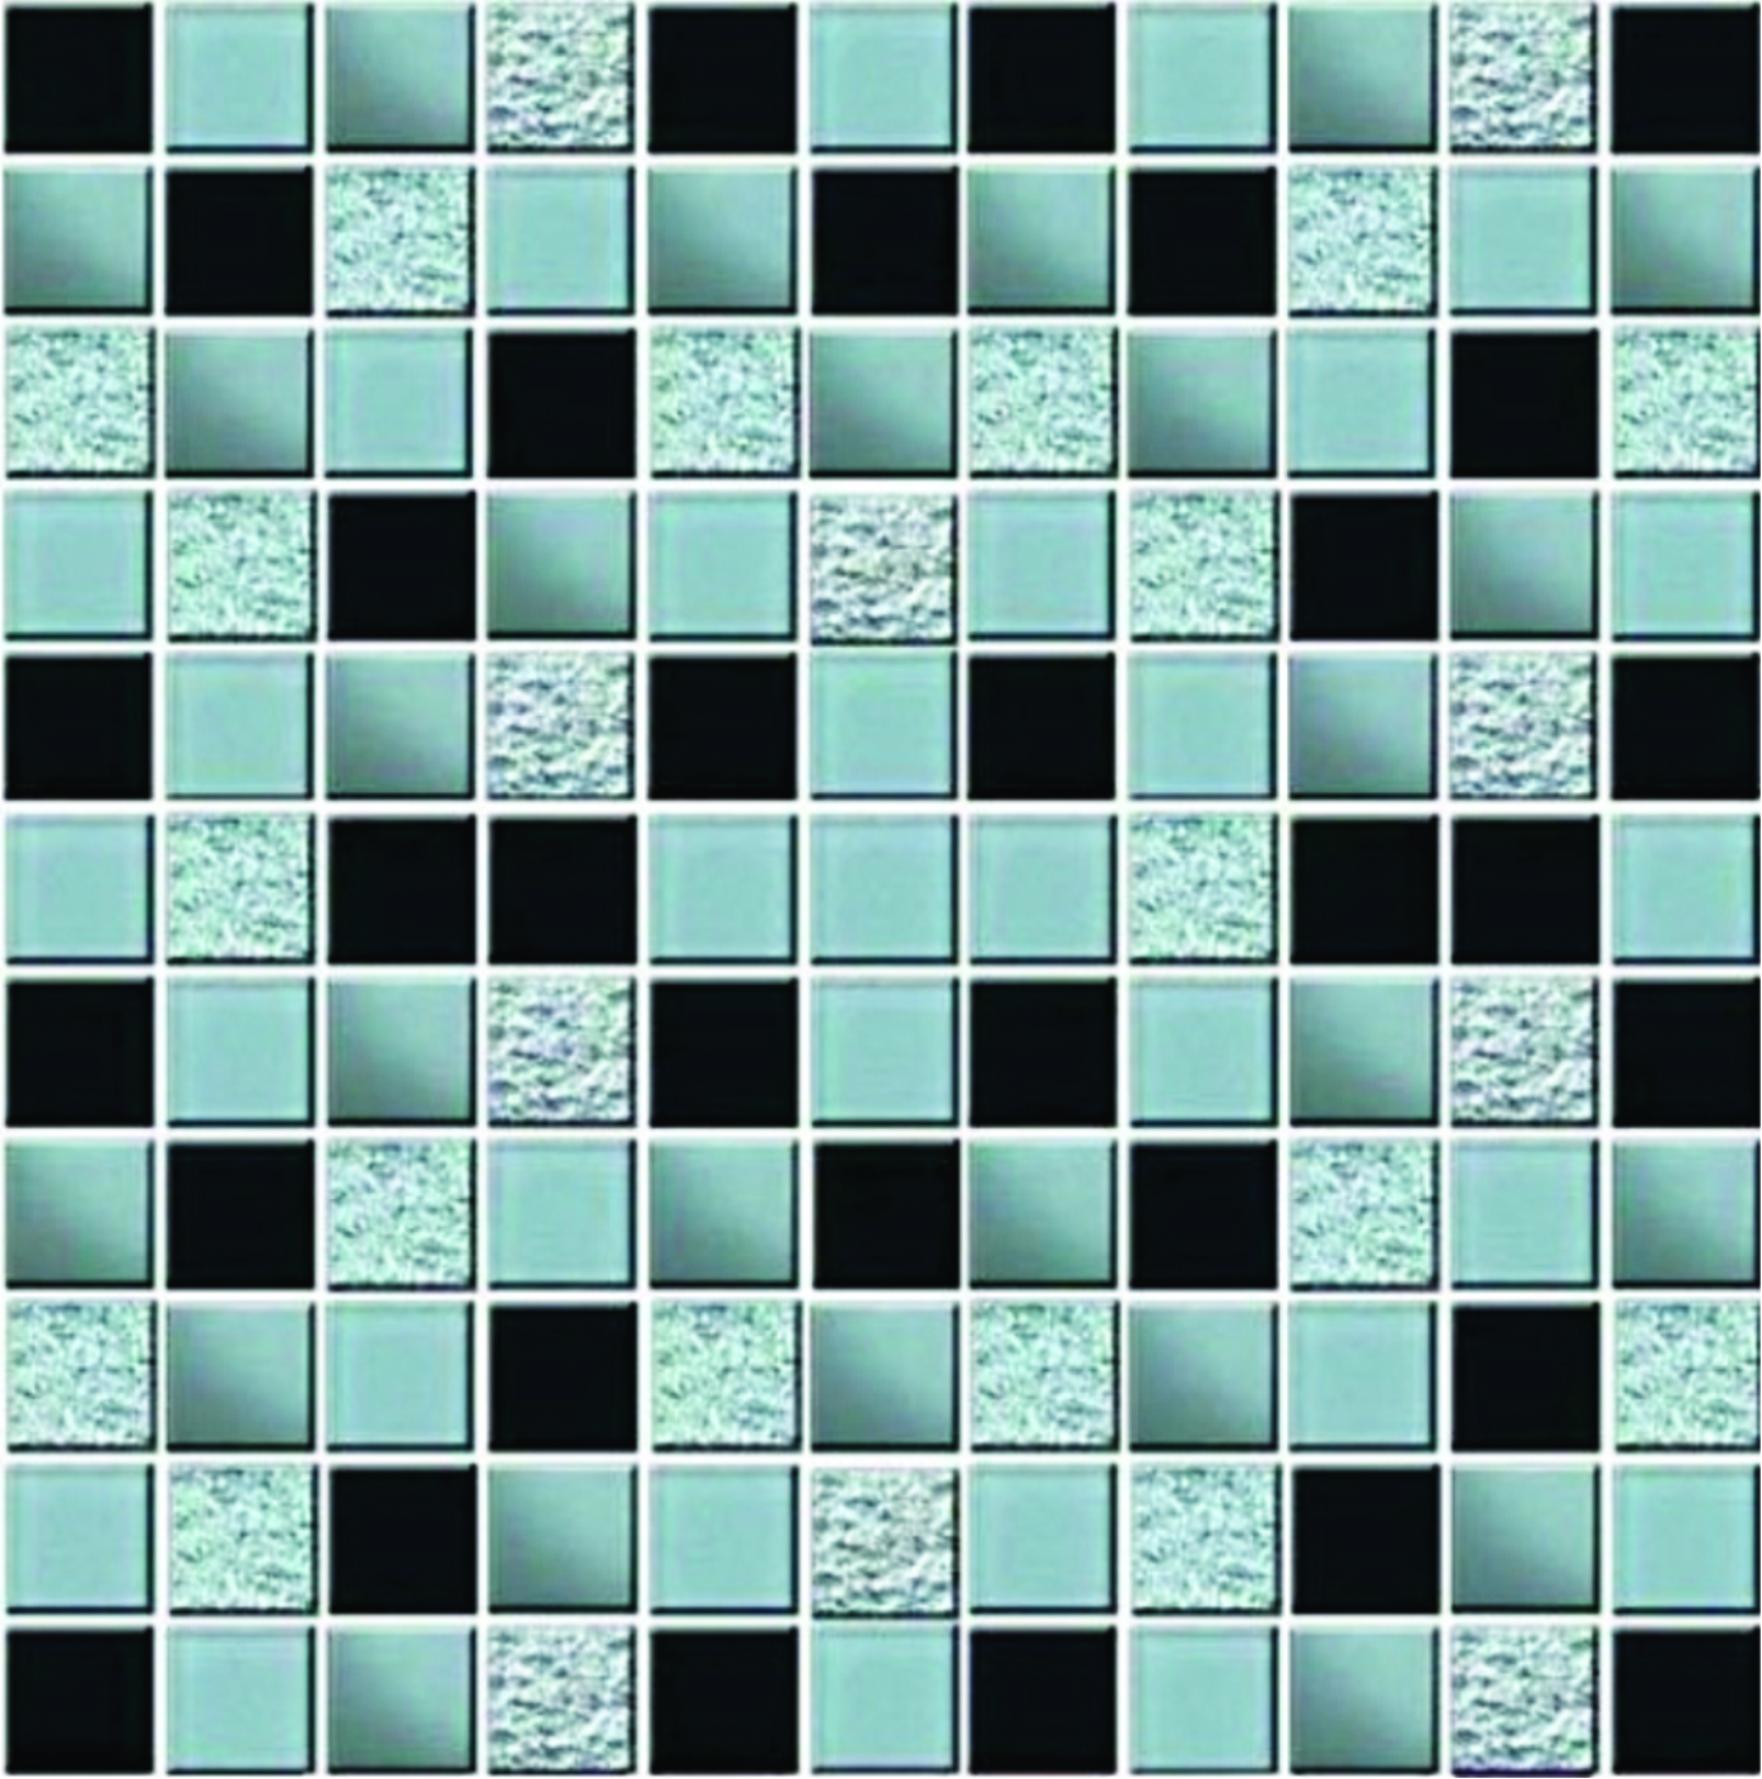 Armario Aberto Closet ~ Banheiro Com Azulejo Que Imita Pastilha Liusn com ~ Obtenha uma imagem de idéias interessantes